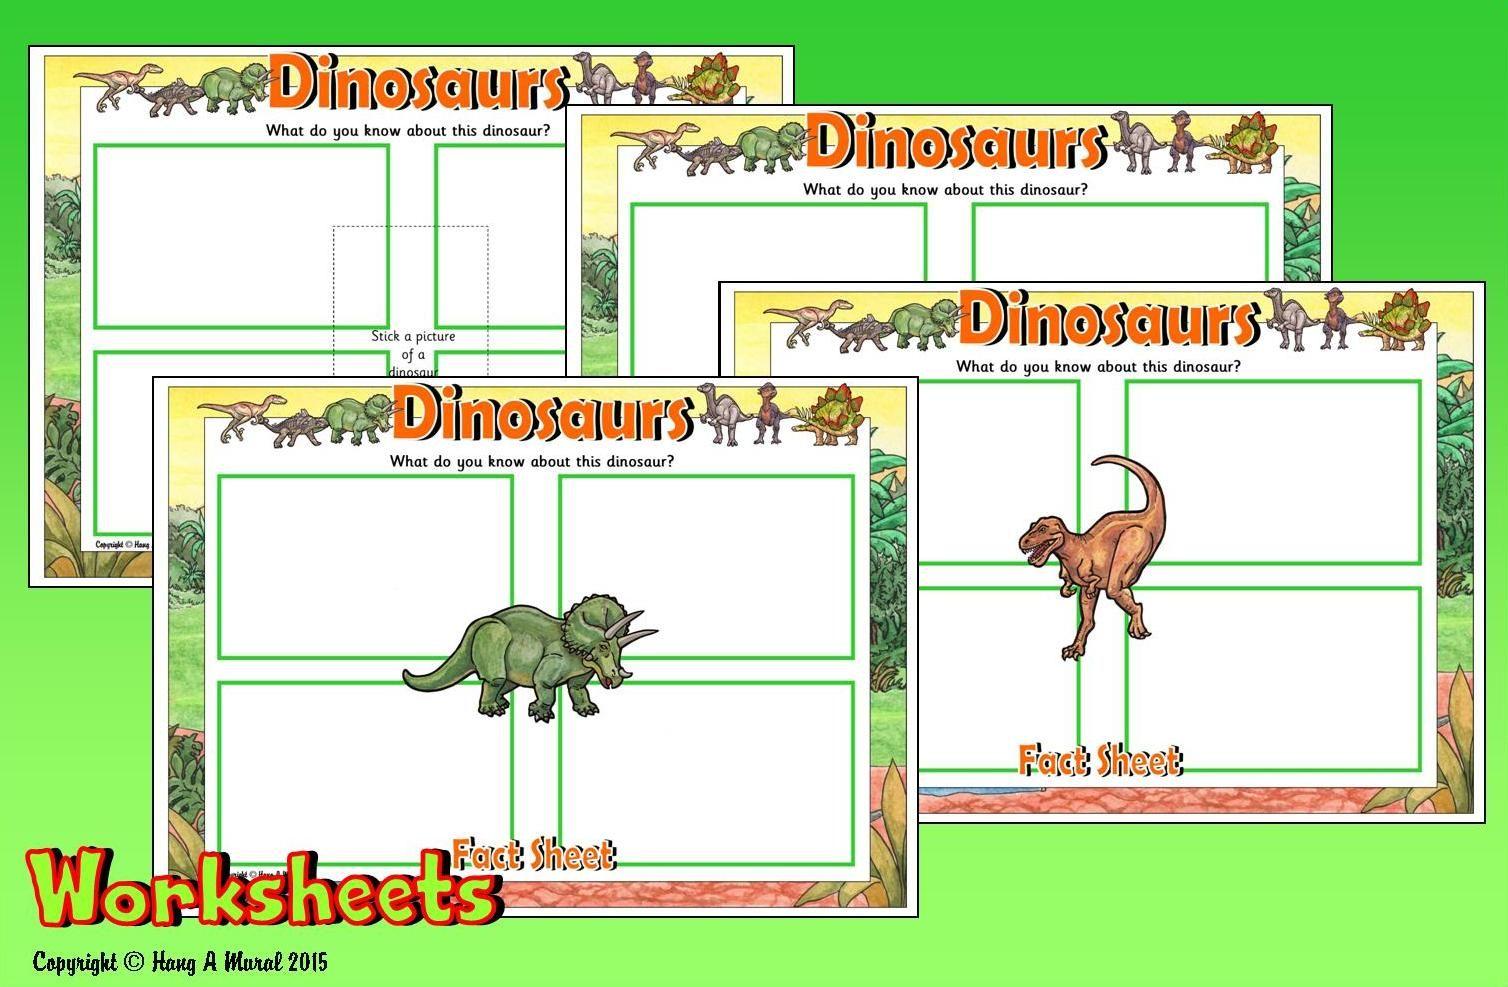 Dinosaurs Worksheets Free Sample Download At Hang A